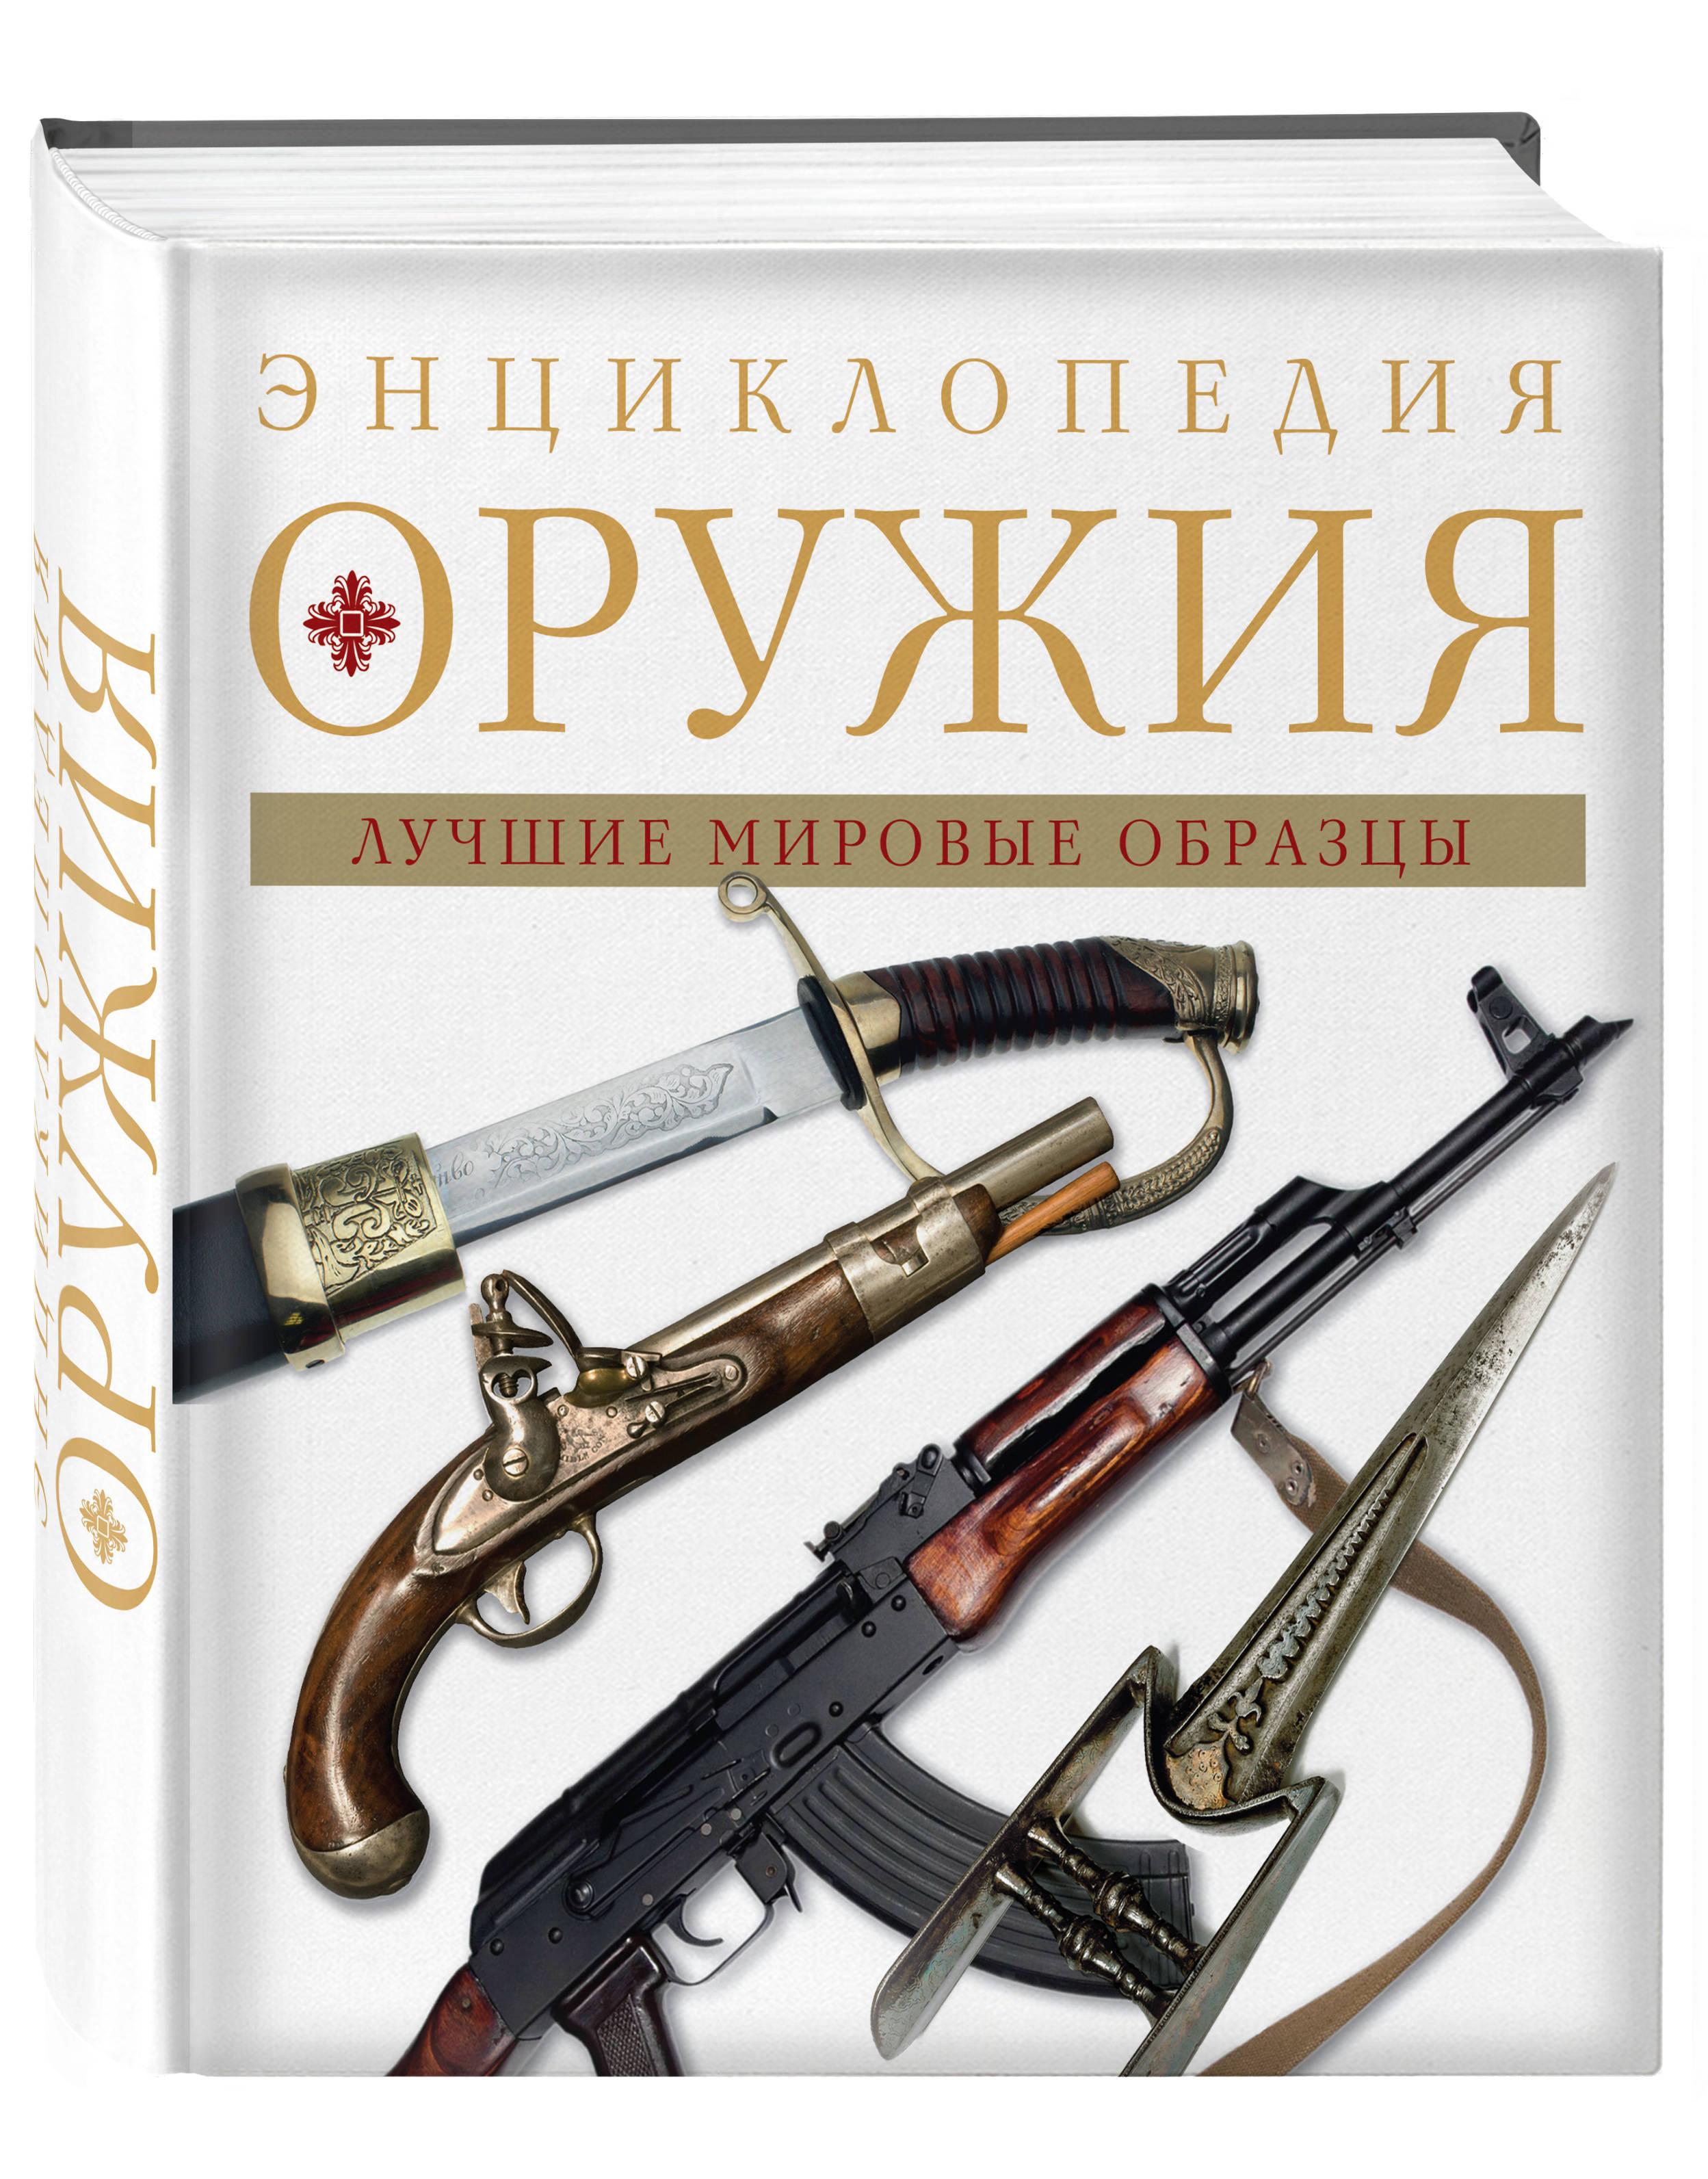 Дмитрий Алексеев Энциклопедия оружия. 2-е издание, исправленное и дополненное